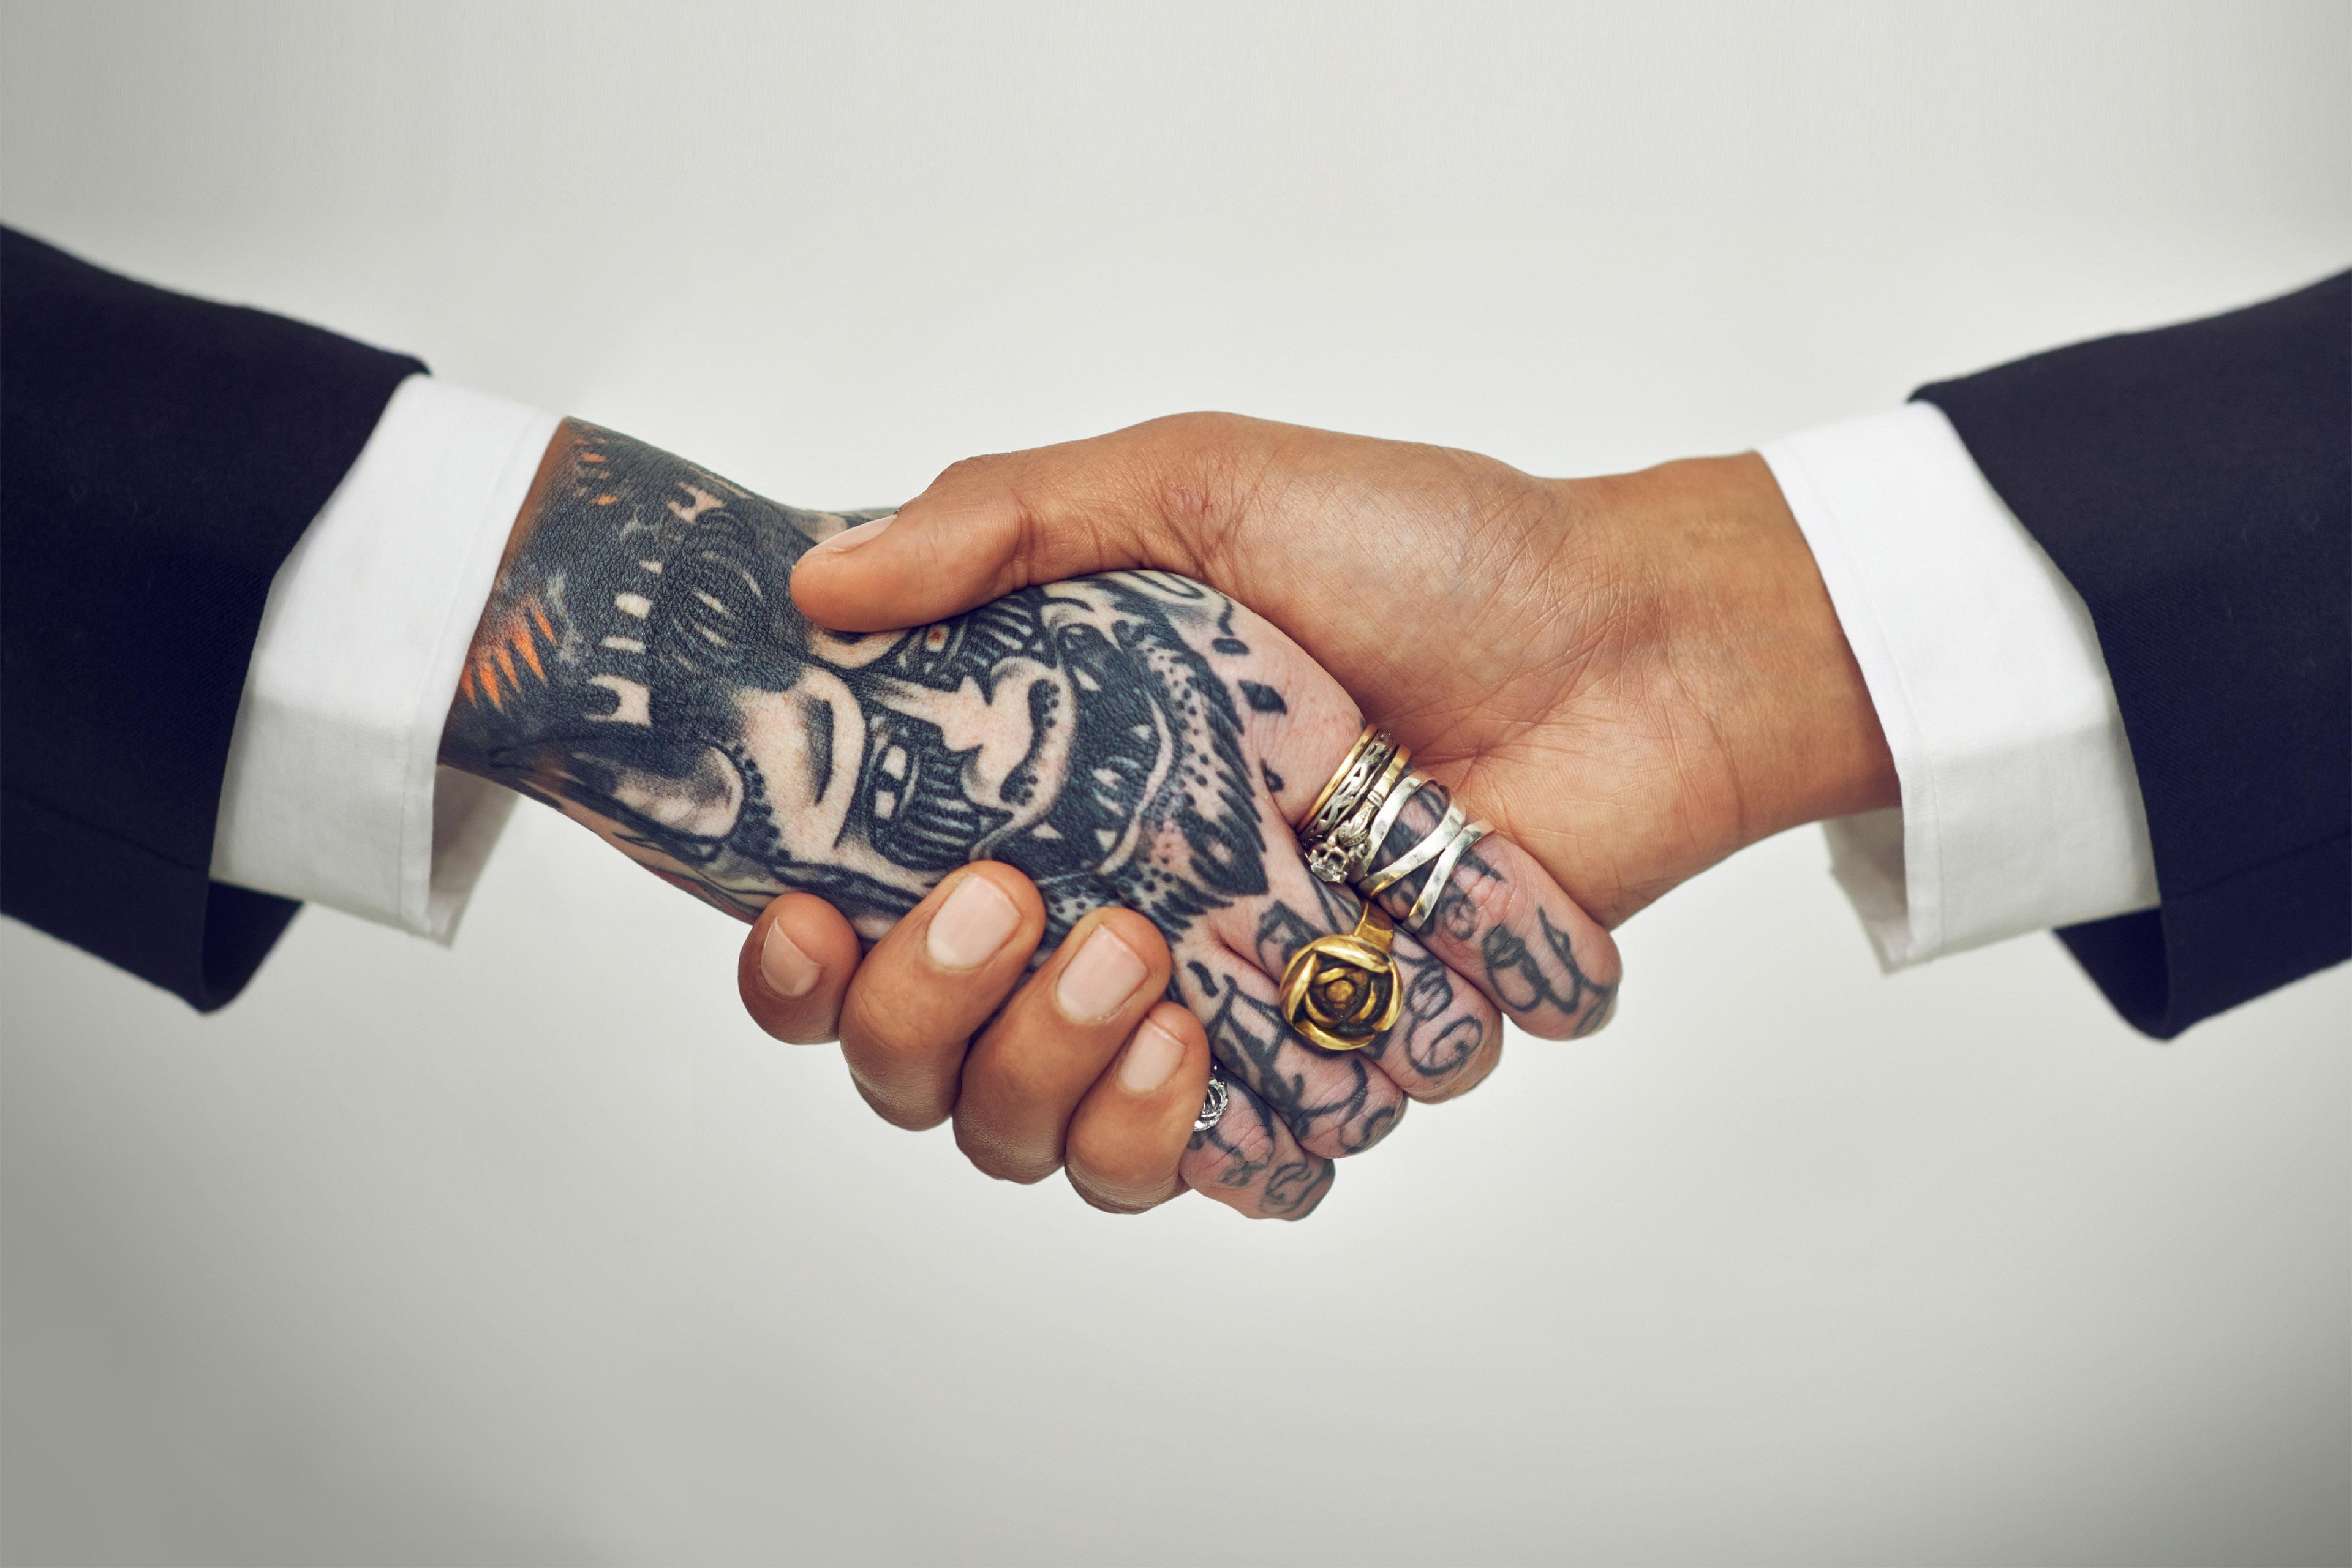 Apretón de manos entre una mano tatuada y una mano sin marcar